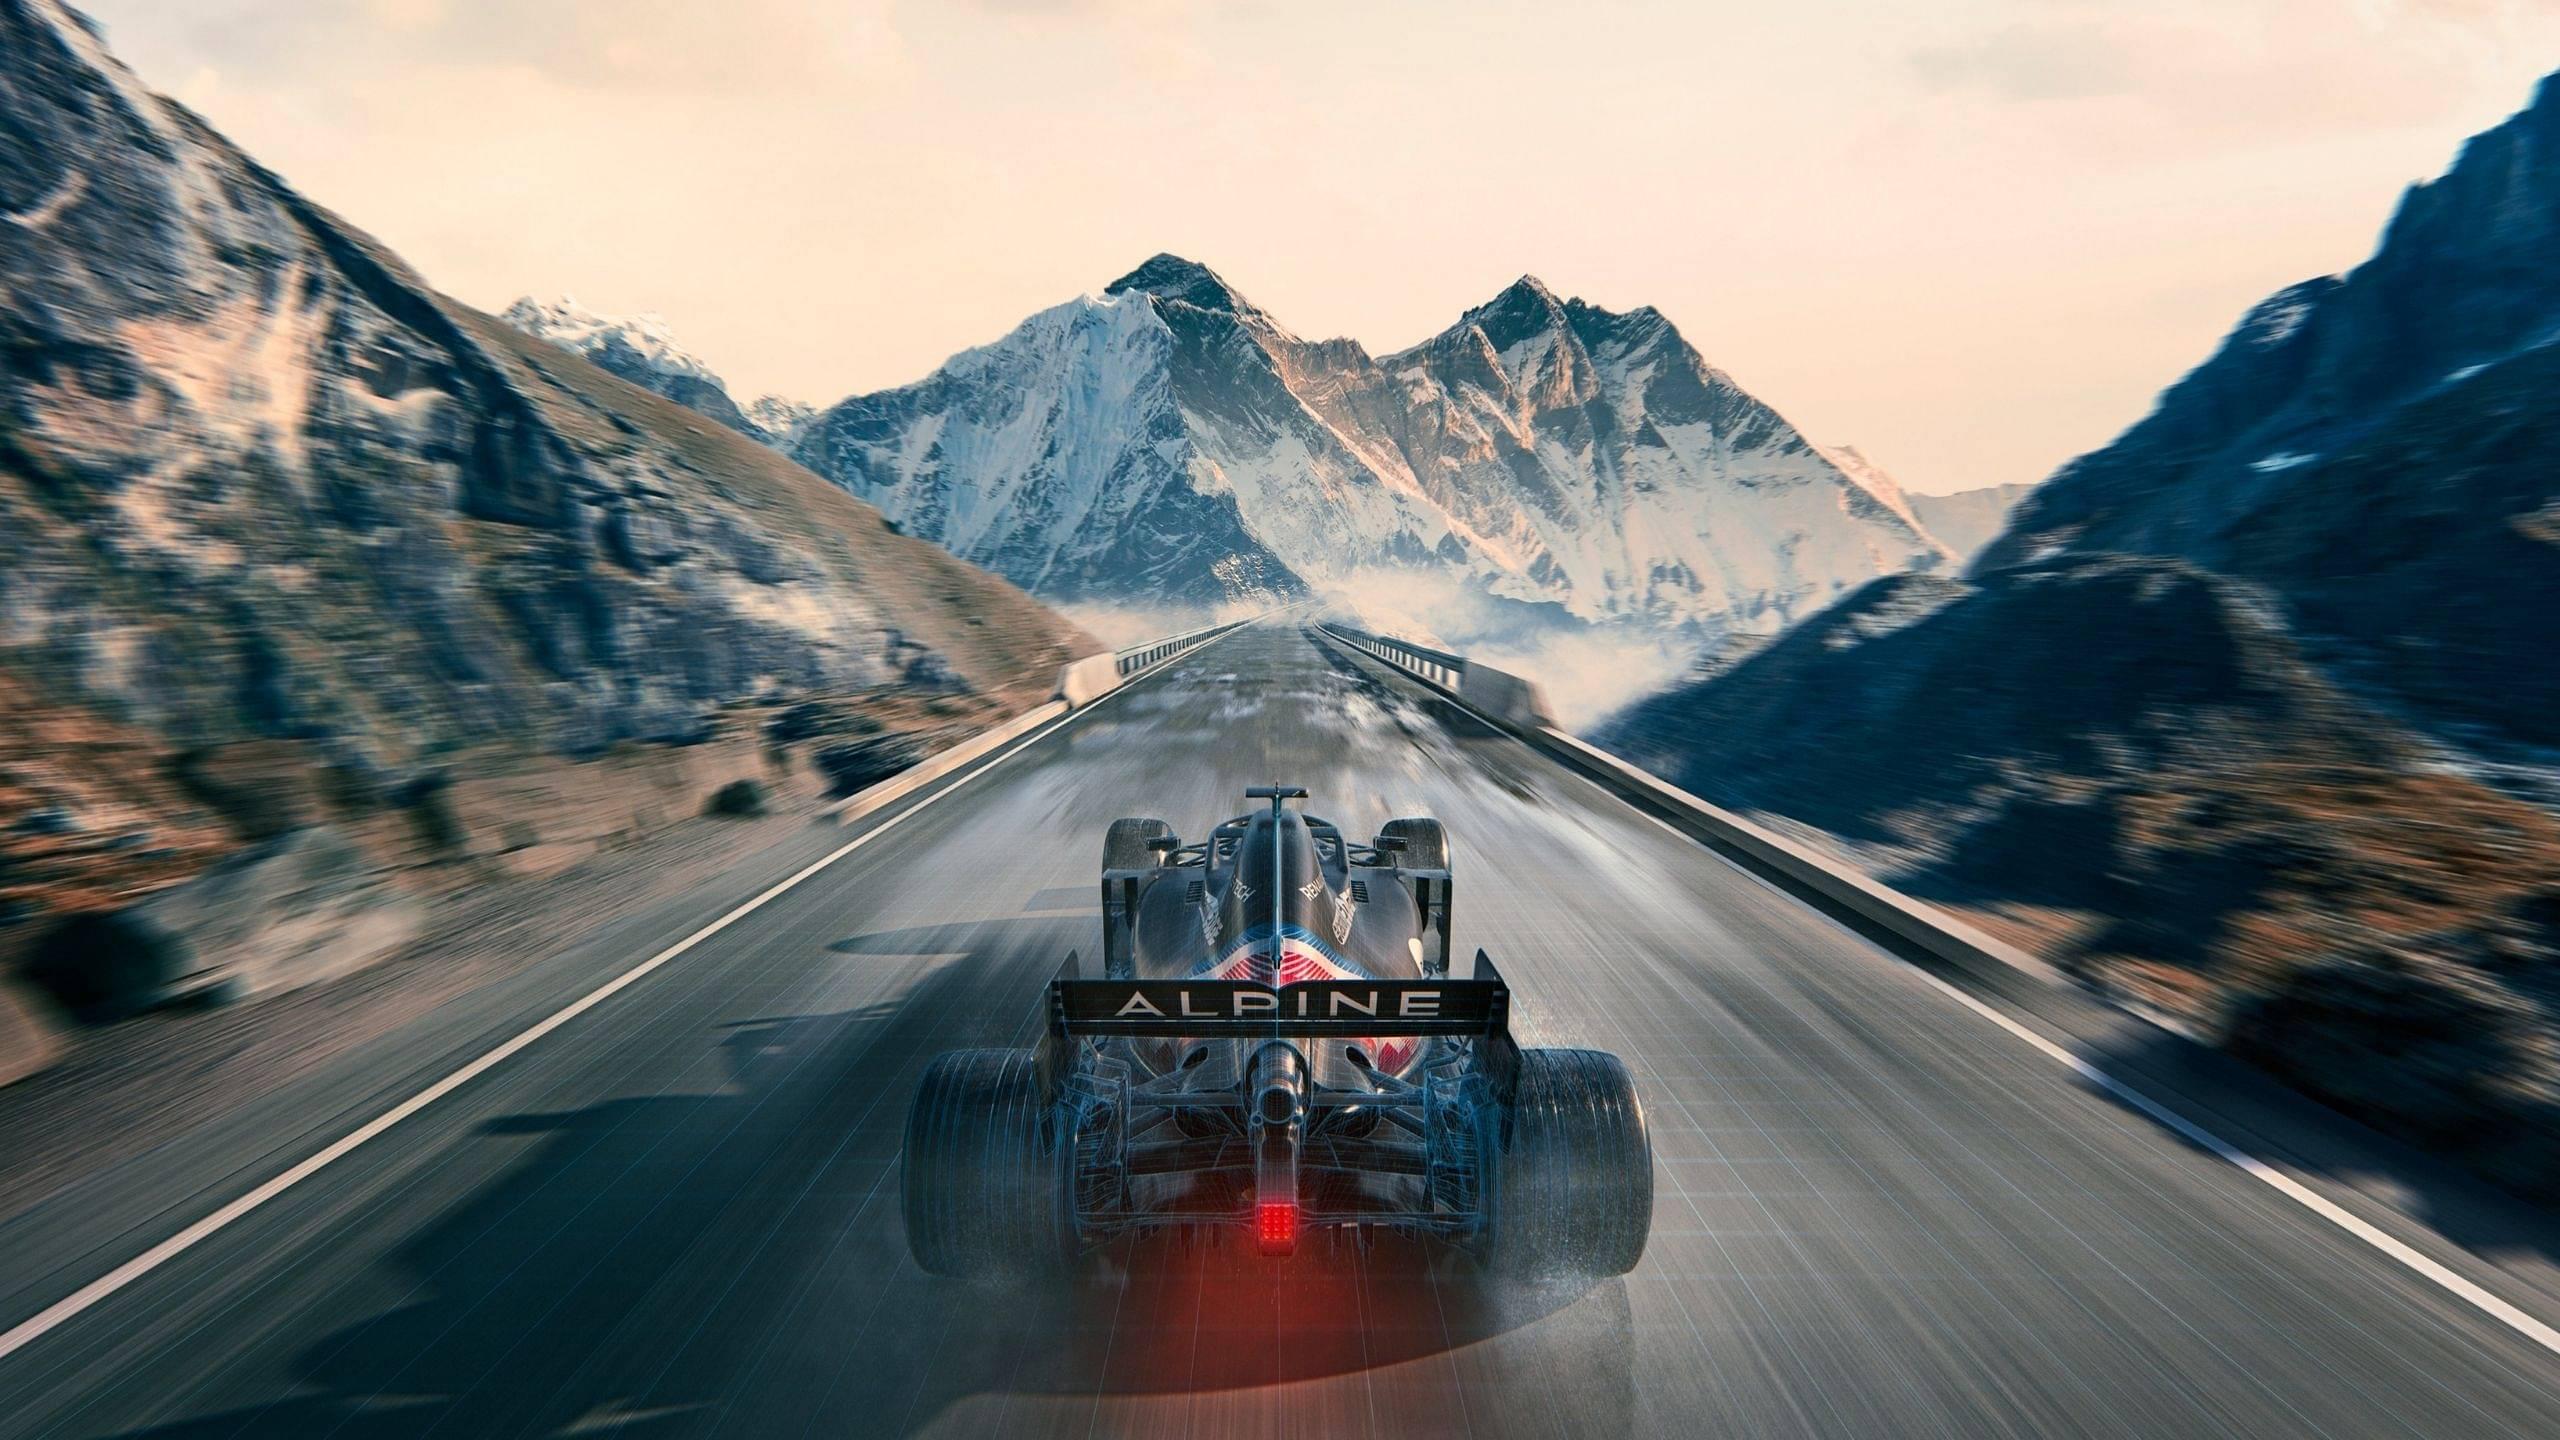 Alpine reveals interim livery as part of F1 team rebrand